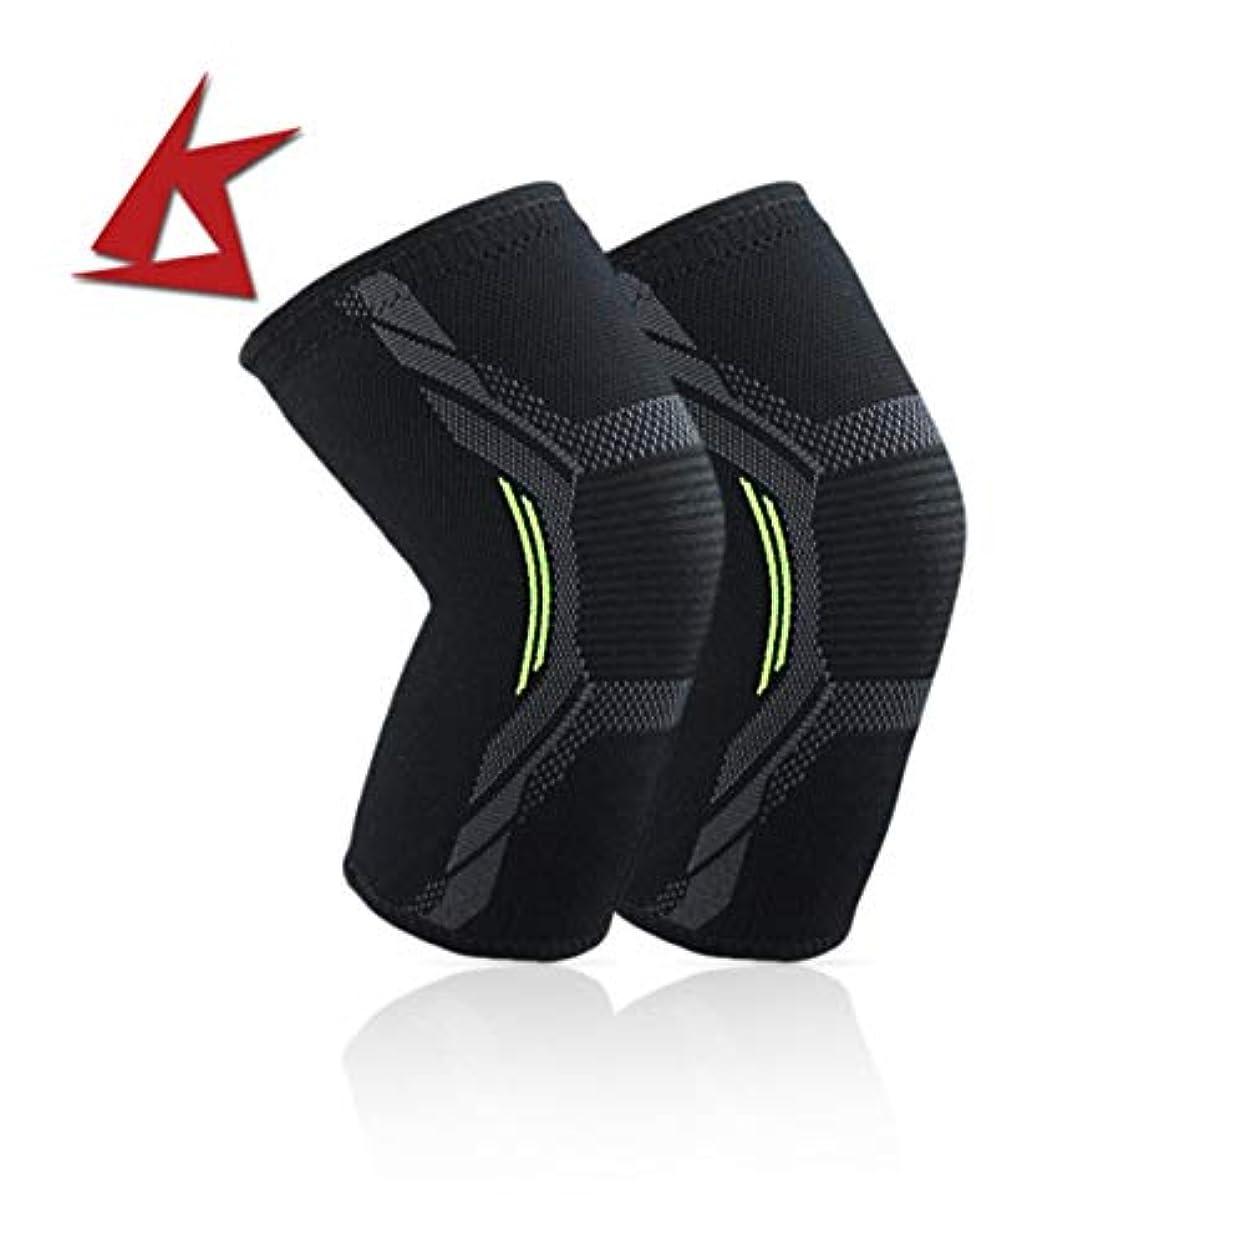 近くいっぱい安全ニット膝パッド耐久性のあるナイロン膝ブレーススポーツ保護パッド超薄型膝サポート安全膝パッド - ブラックL